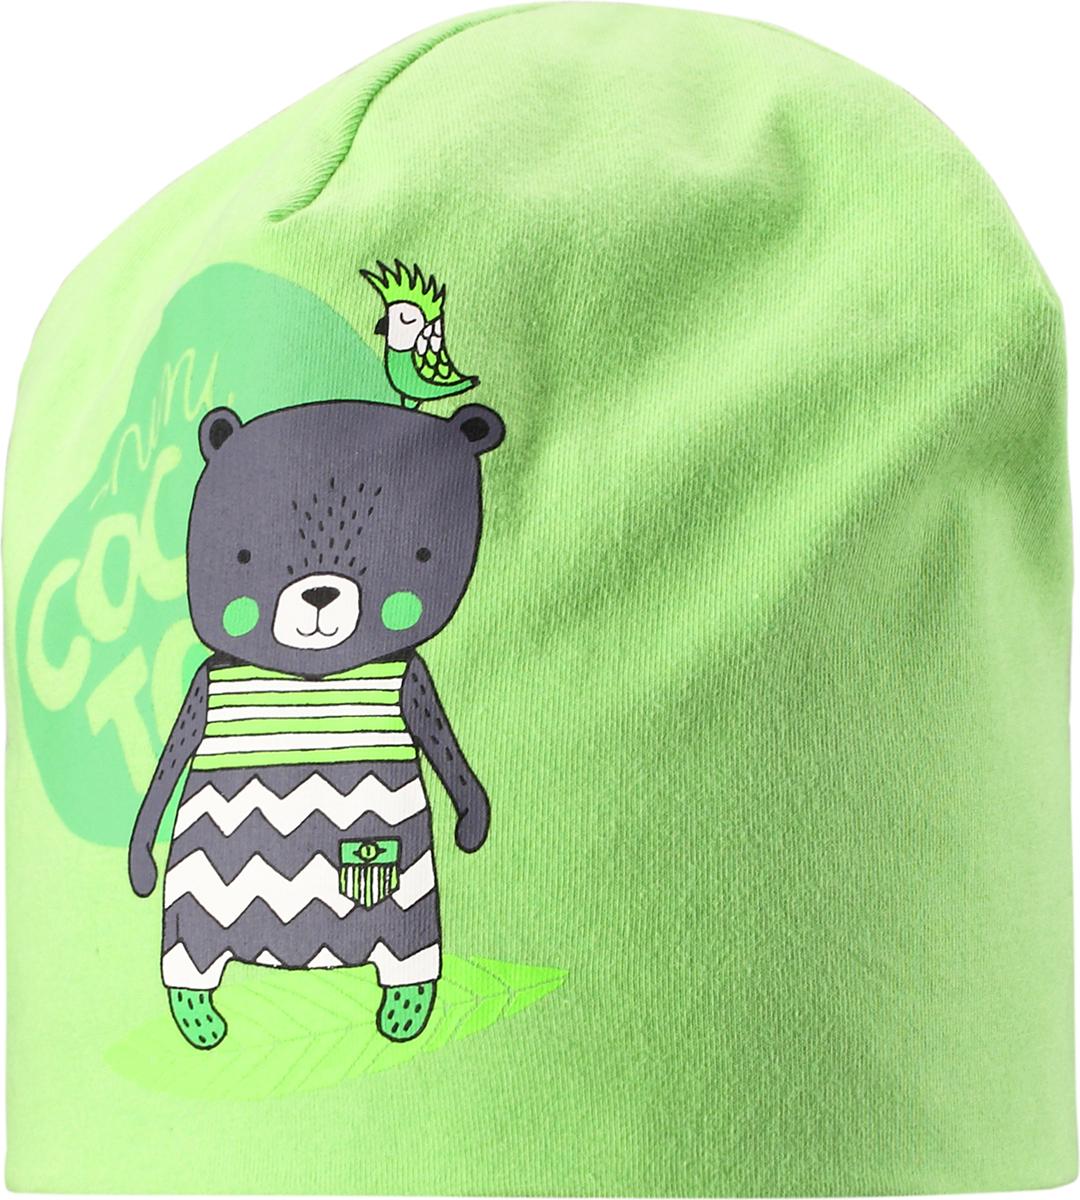 Шапка детская Lassie, цвет: зеленый. 7187398270. Размер 44/467187398270Базовая шапка для малышей с забавным рисунком в виде мишки. Шапка сделана из легкого и удобного джерси на полной трикотажной подкладке из гладкого дышащего смесового хлопка. Она снабжена рисунком сбоку и светоотражающей эмблемой на заднем шве.